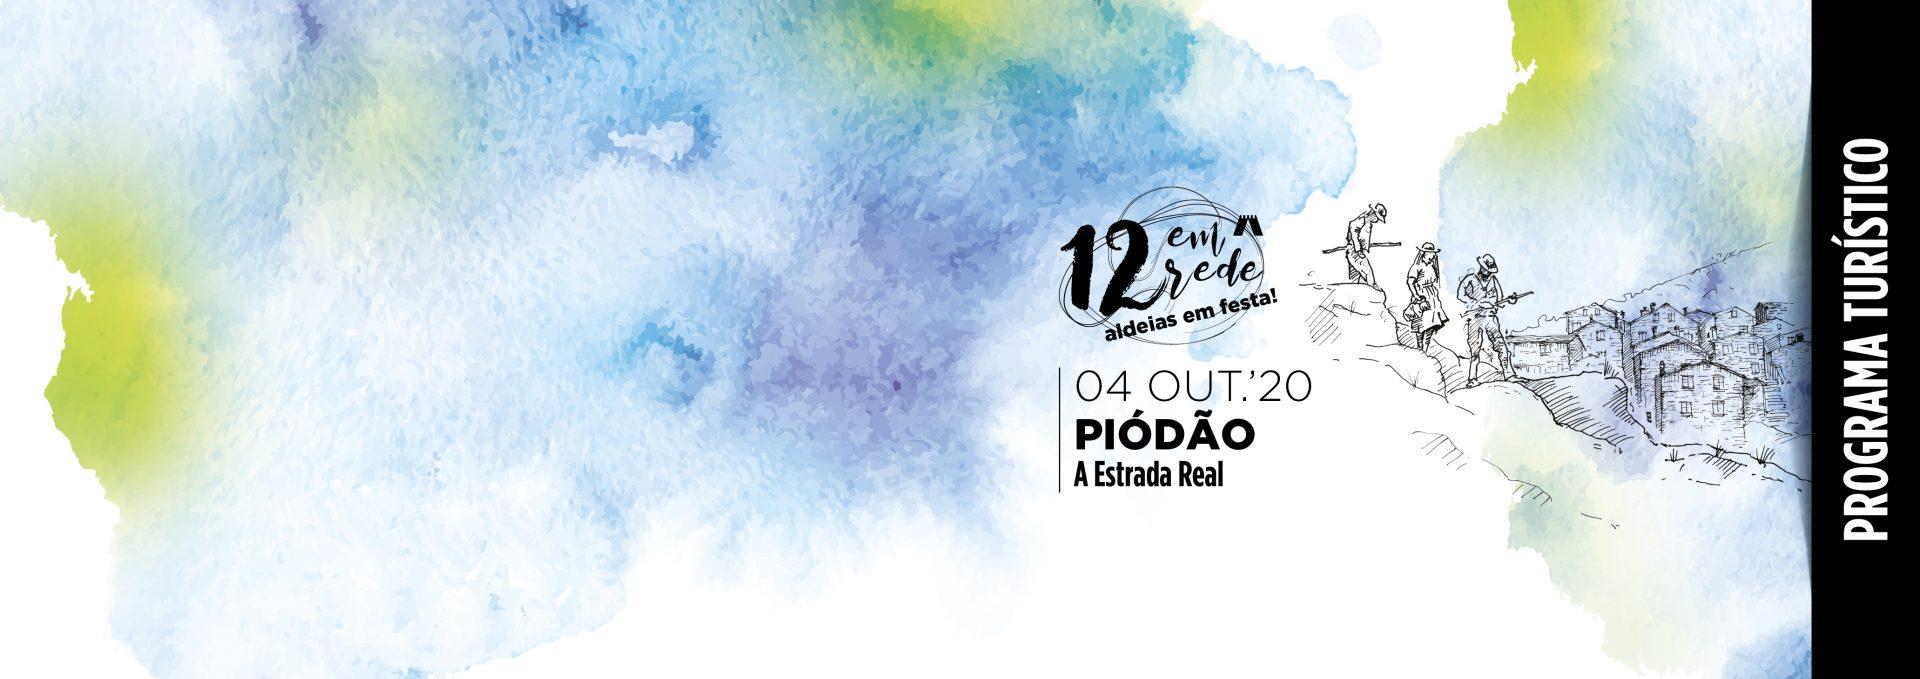 A Estrada Real em Piódão | TRY PORTUGAL